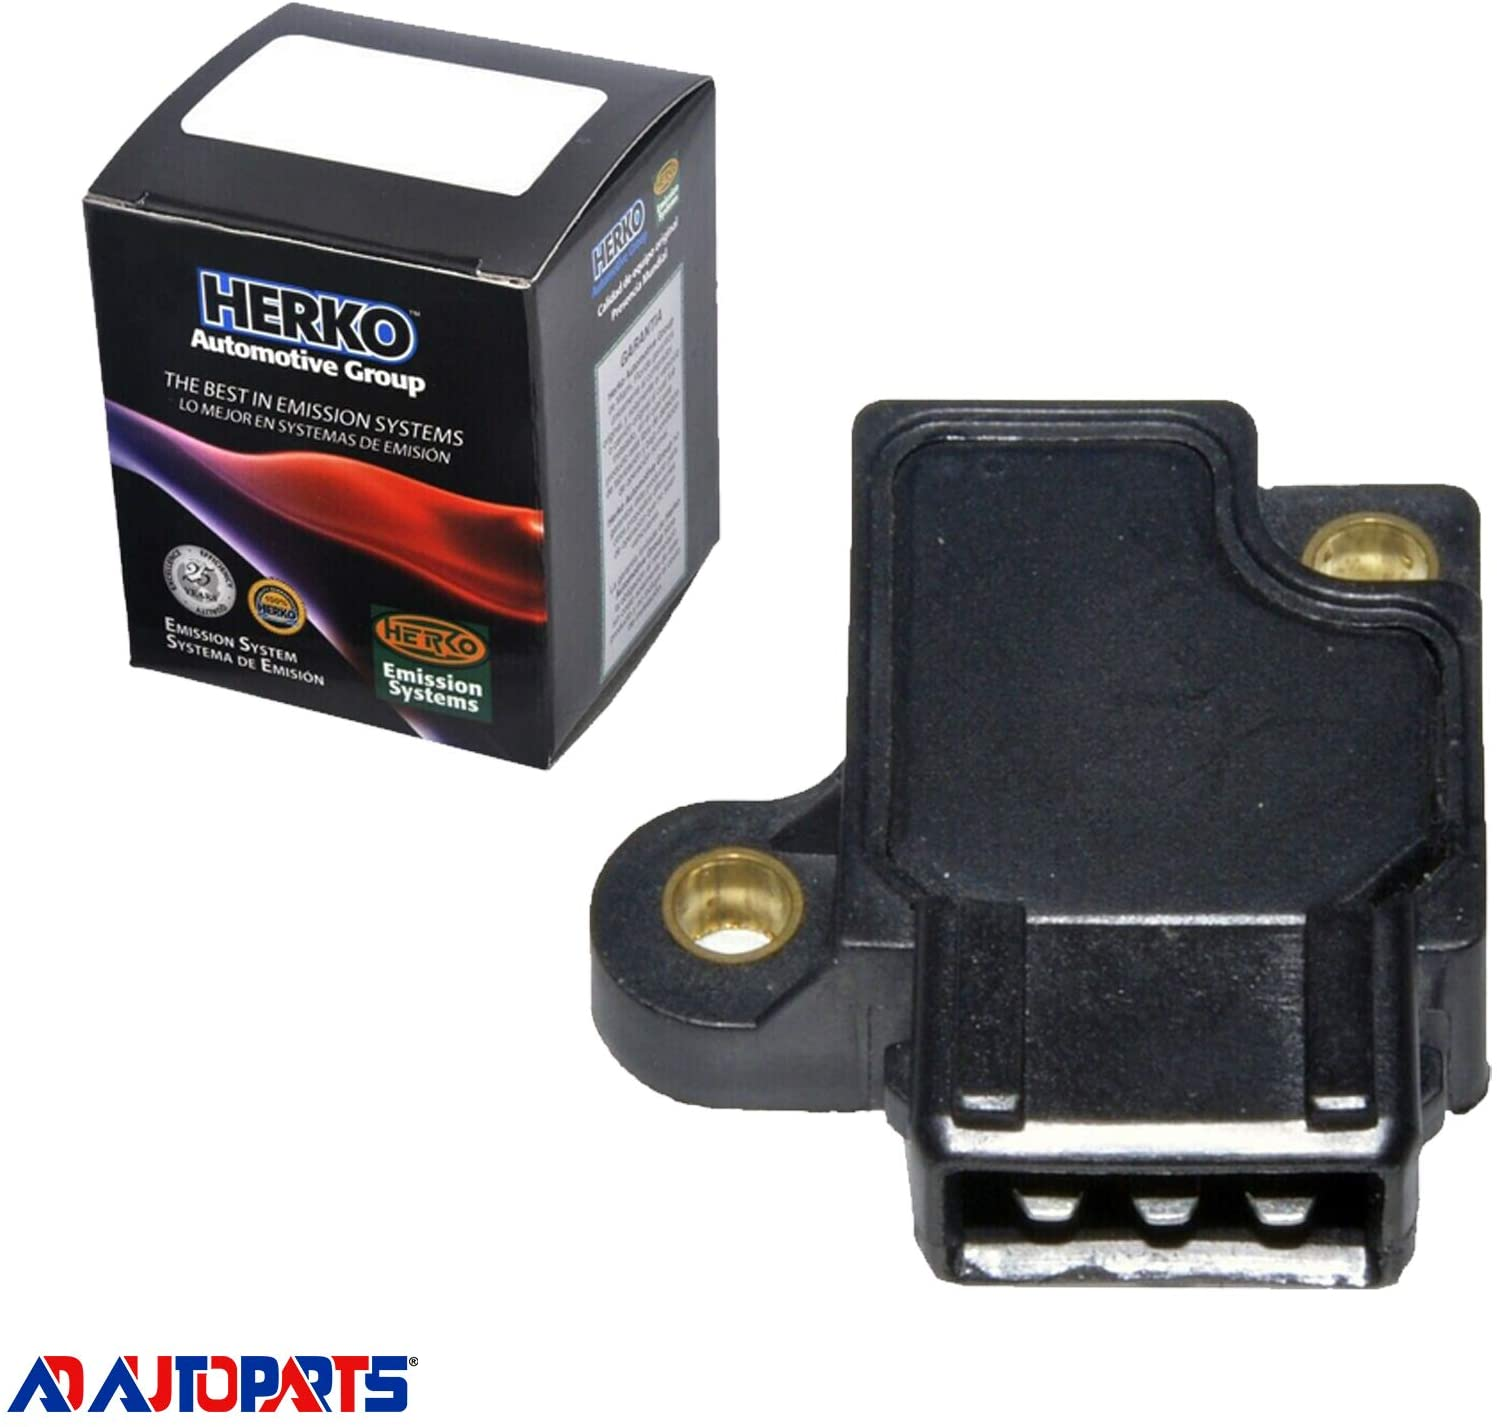 AD Auto Parts Ignition Control Module HLX046 J121 For Mitsubishi Plymouth Dodge 87-00